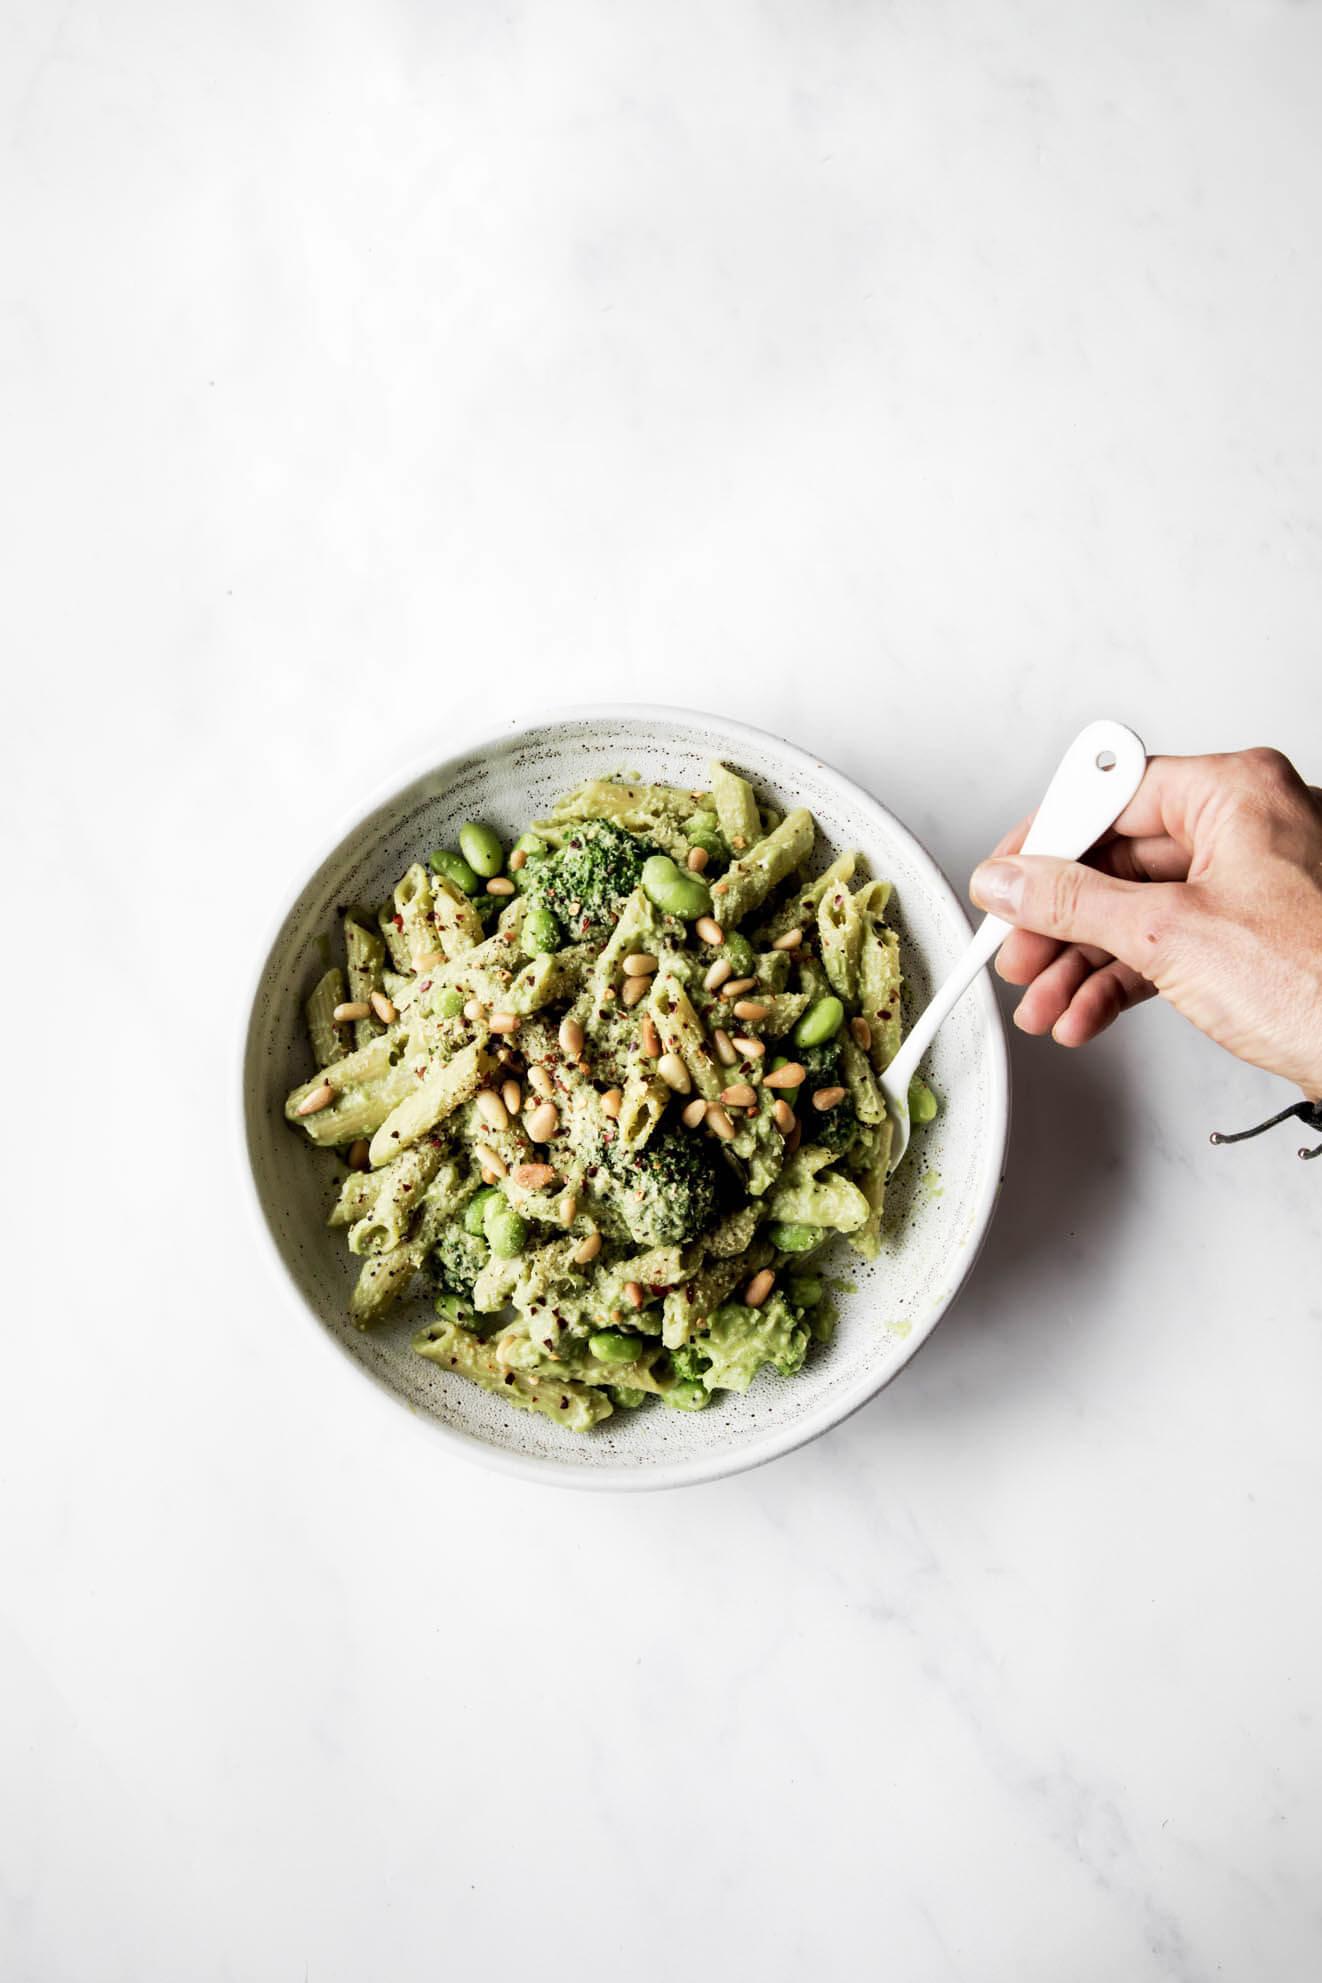 Vegan pasta recipe, food photographer, easy vegan recipes